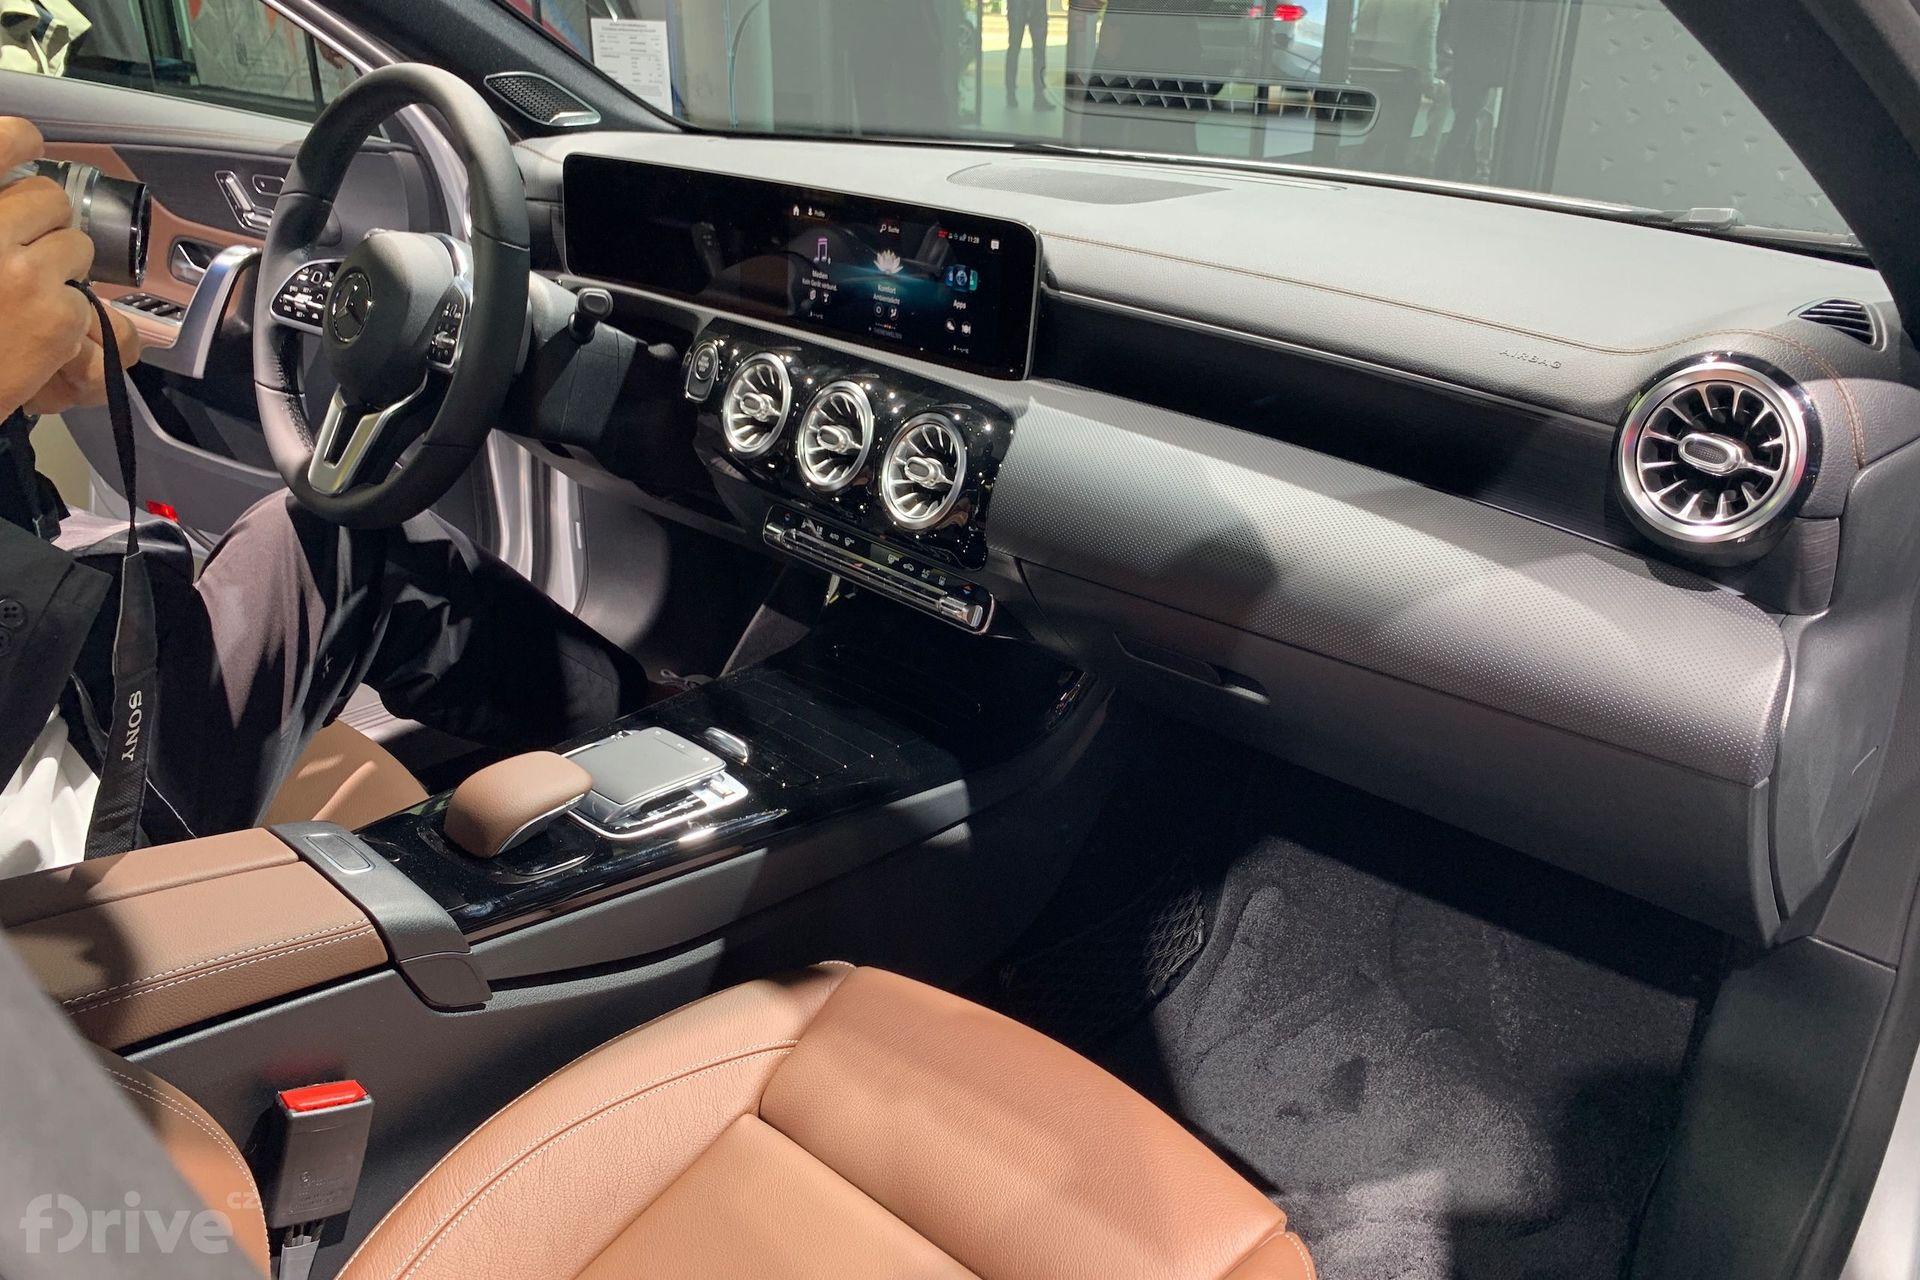 Mercedes-Benz A 250e sedan (2019)